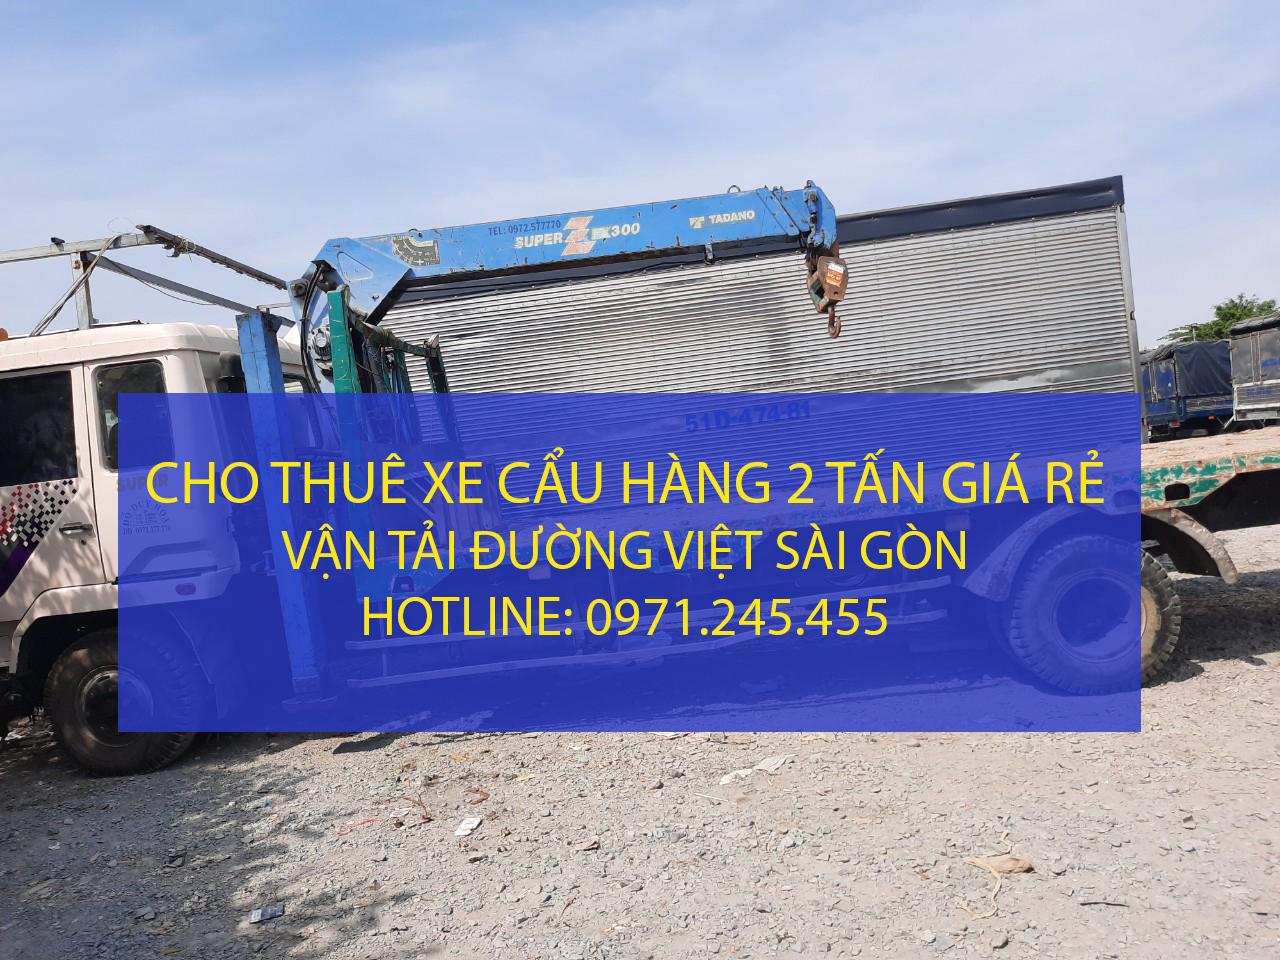 Cho thuê xe cẩu hàng loại 2 tấn – Hotline: : 0971.245.455